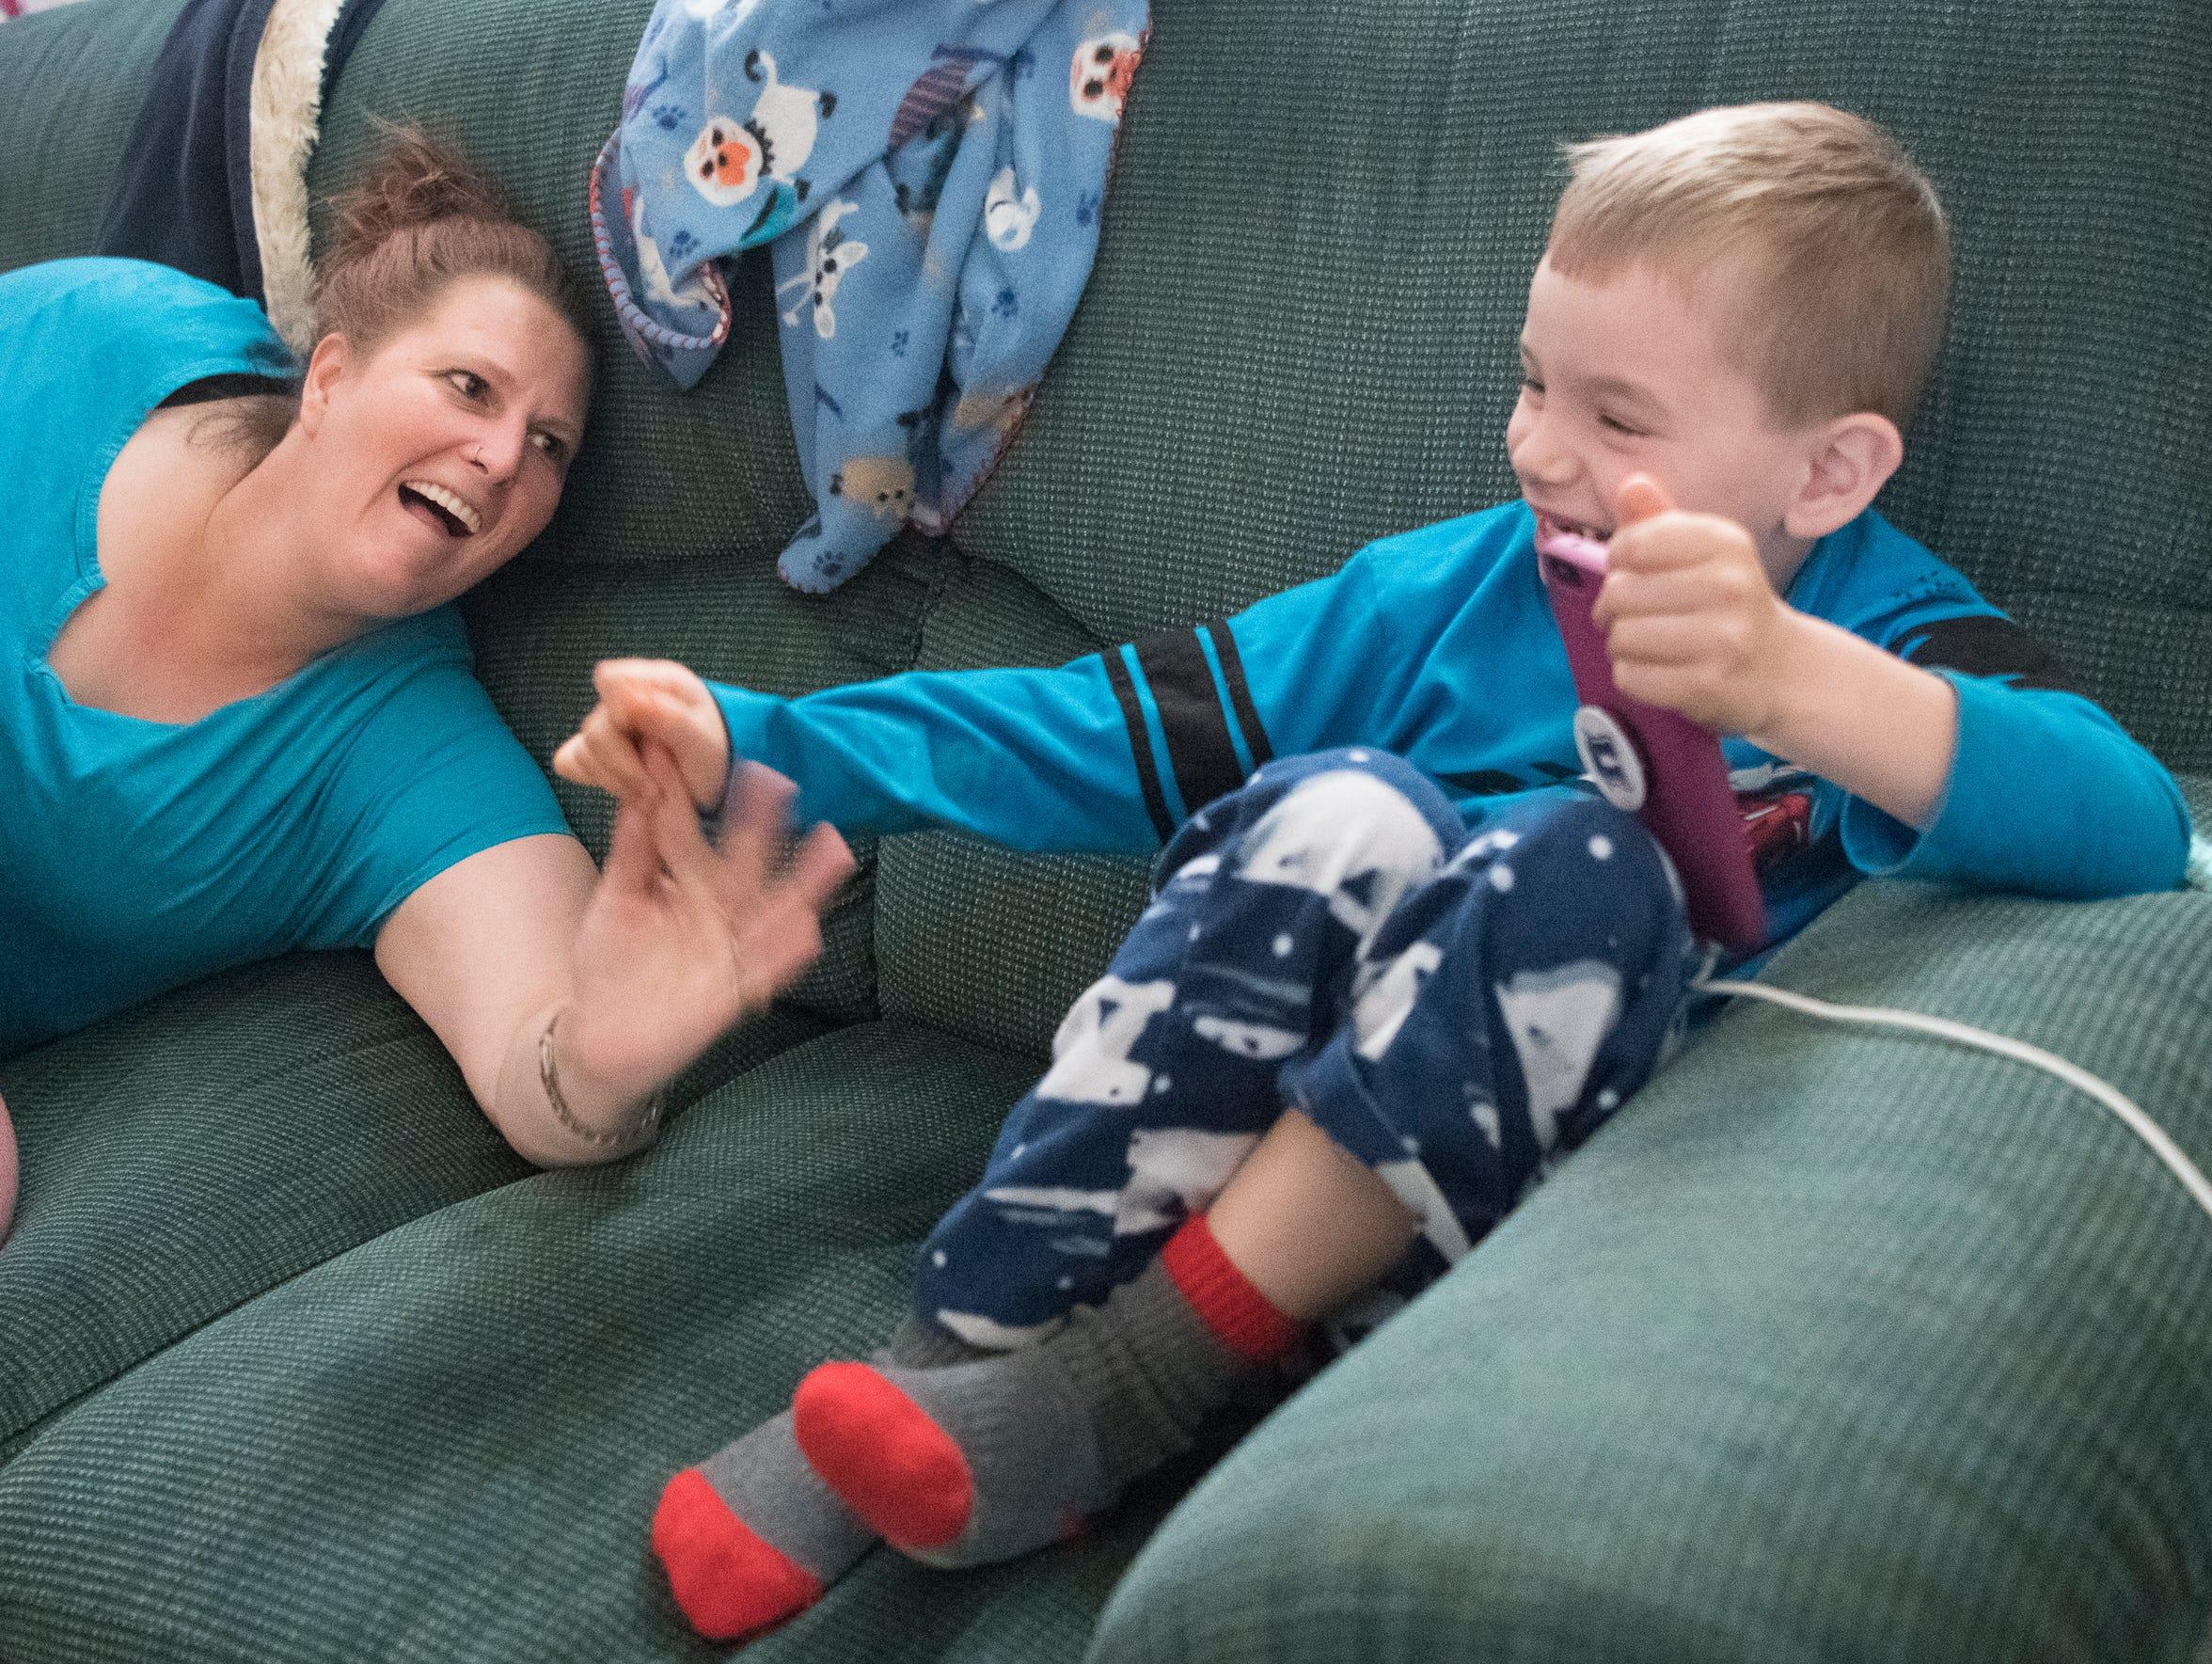 Desiree Rackley tries to get her nephew Joe Joe Rackley's